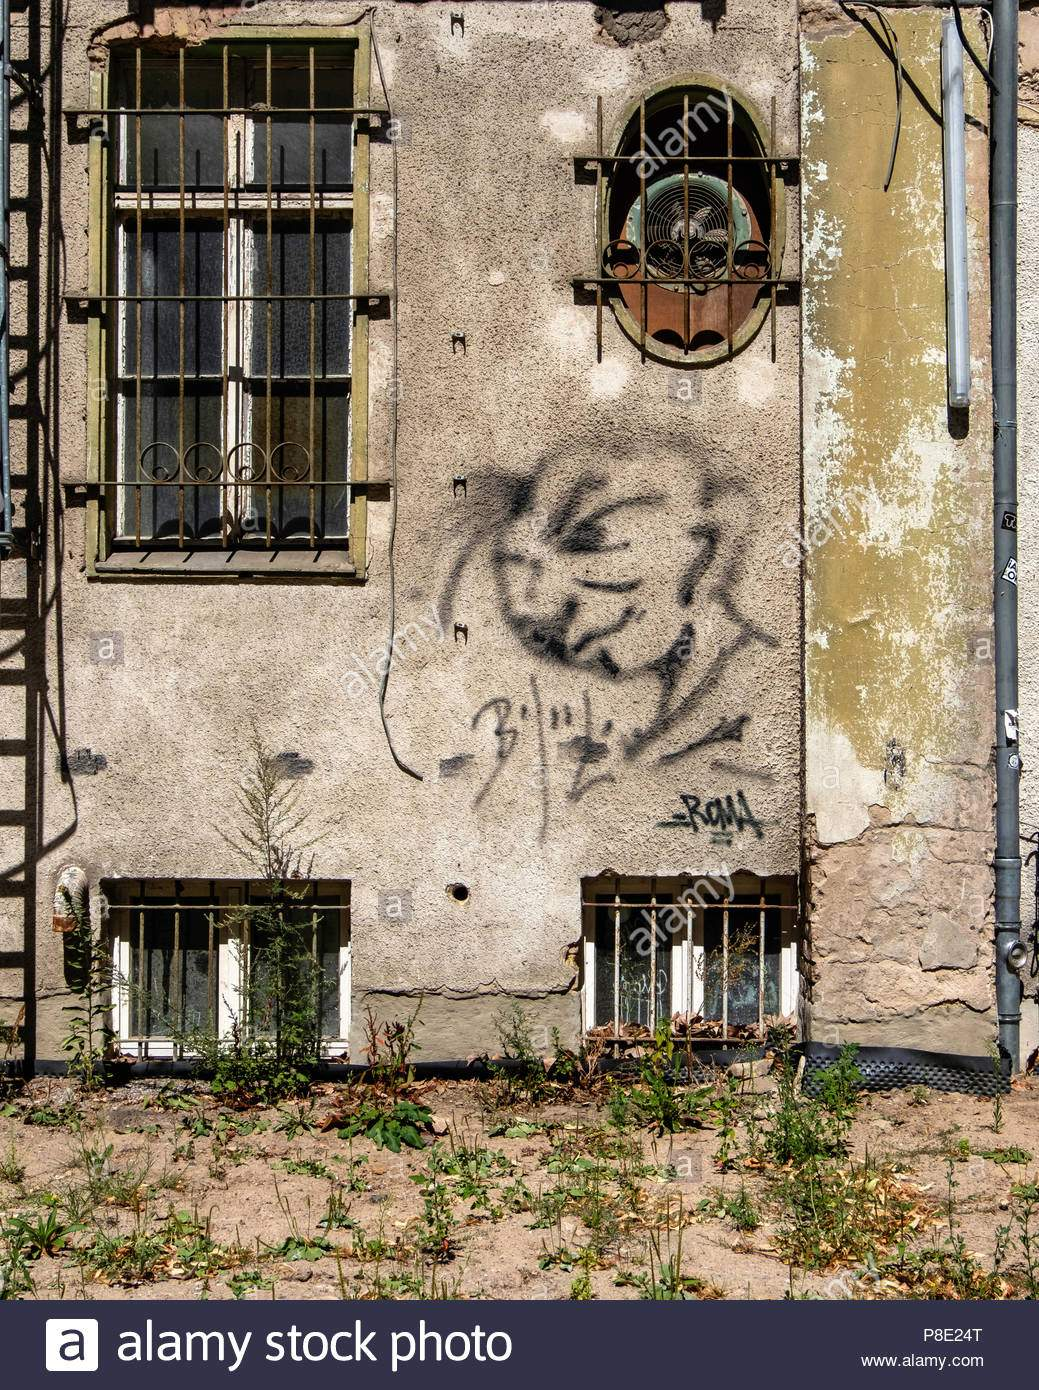 berlin prenzlauerberg prater garten ruckseite des alten verfallenen prater theater gebaude mit brockelnden putz alten lufter r ust unkraut p8e24t